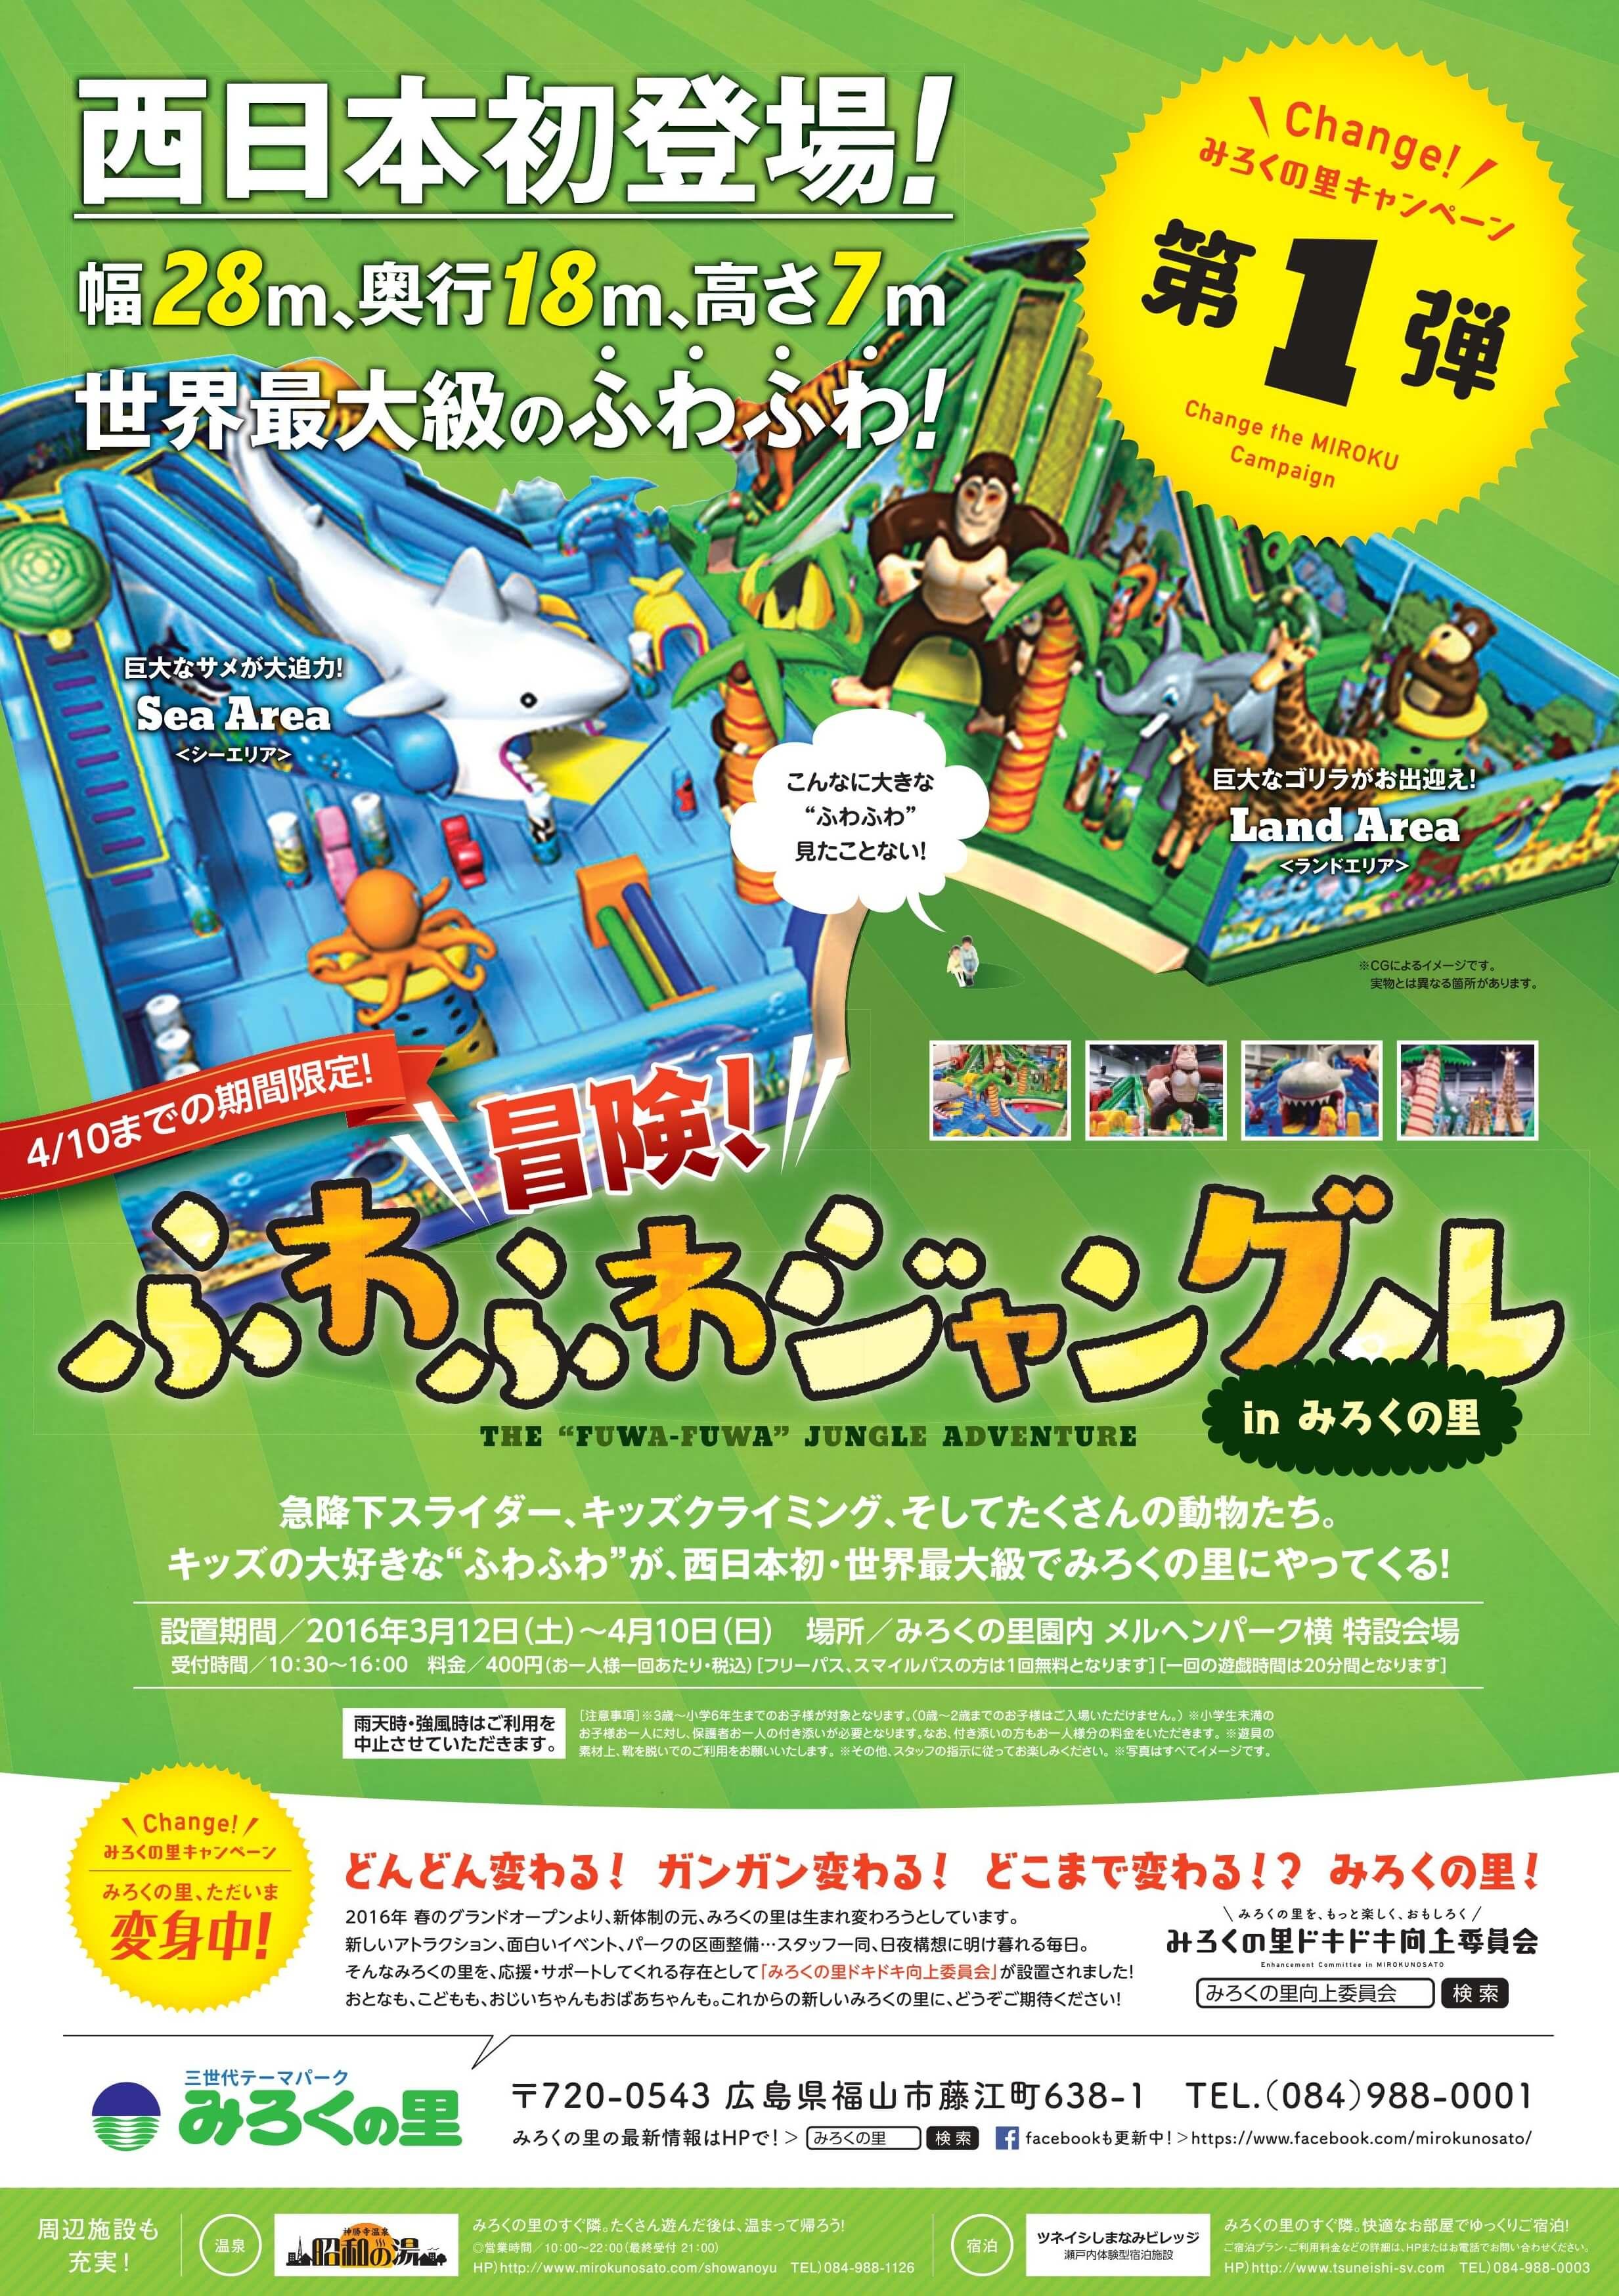 西日本初・世界最大級のエアー遊具「冒険!ふわふわジャングル」がみろくの里にやってくる。3/12-4/10期間限定オープン